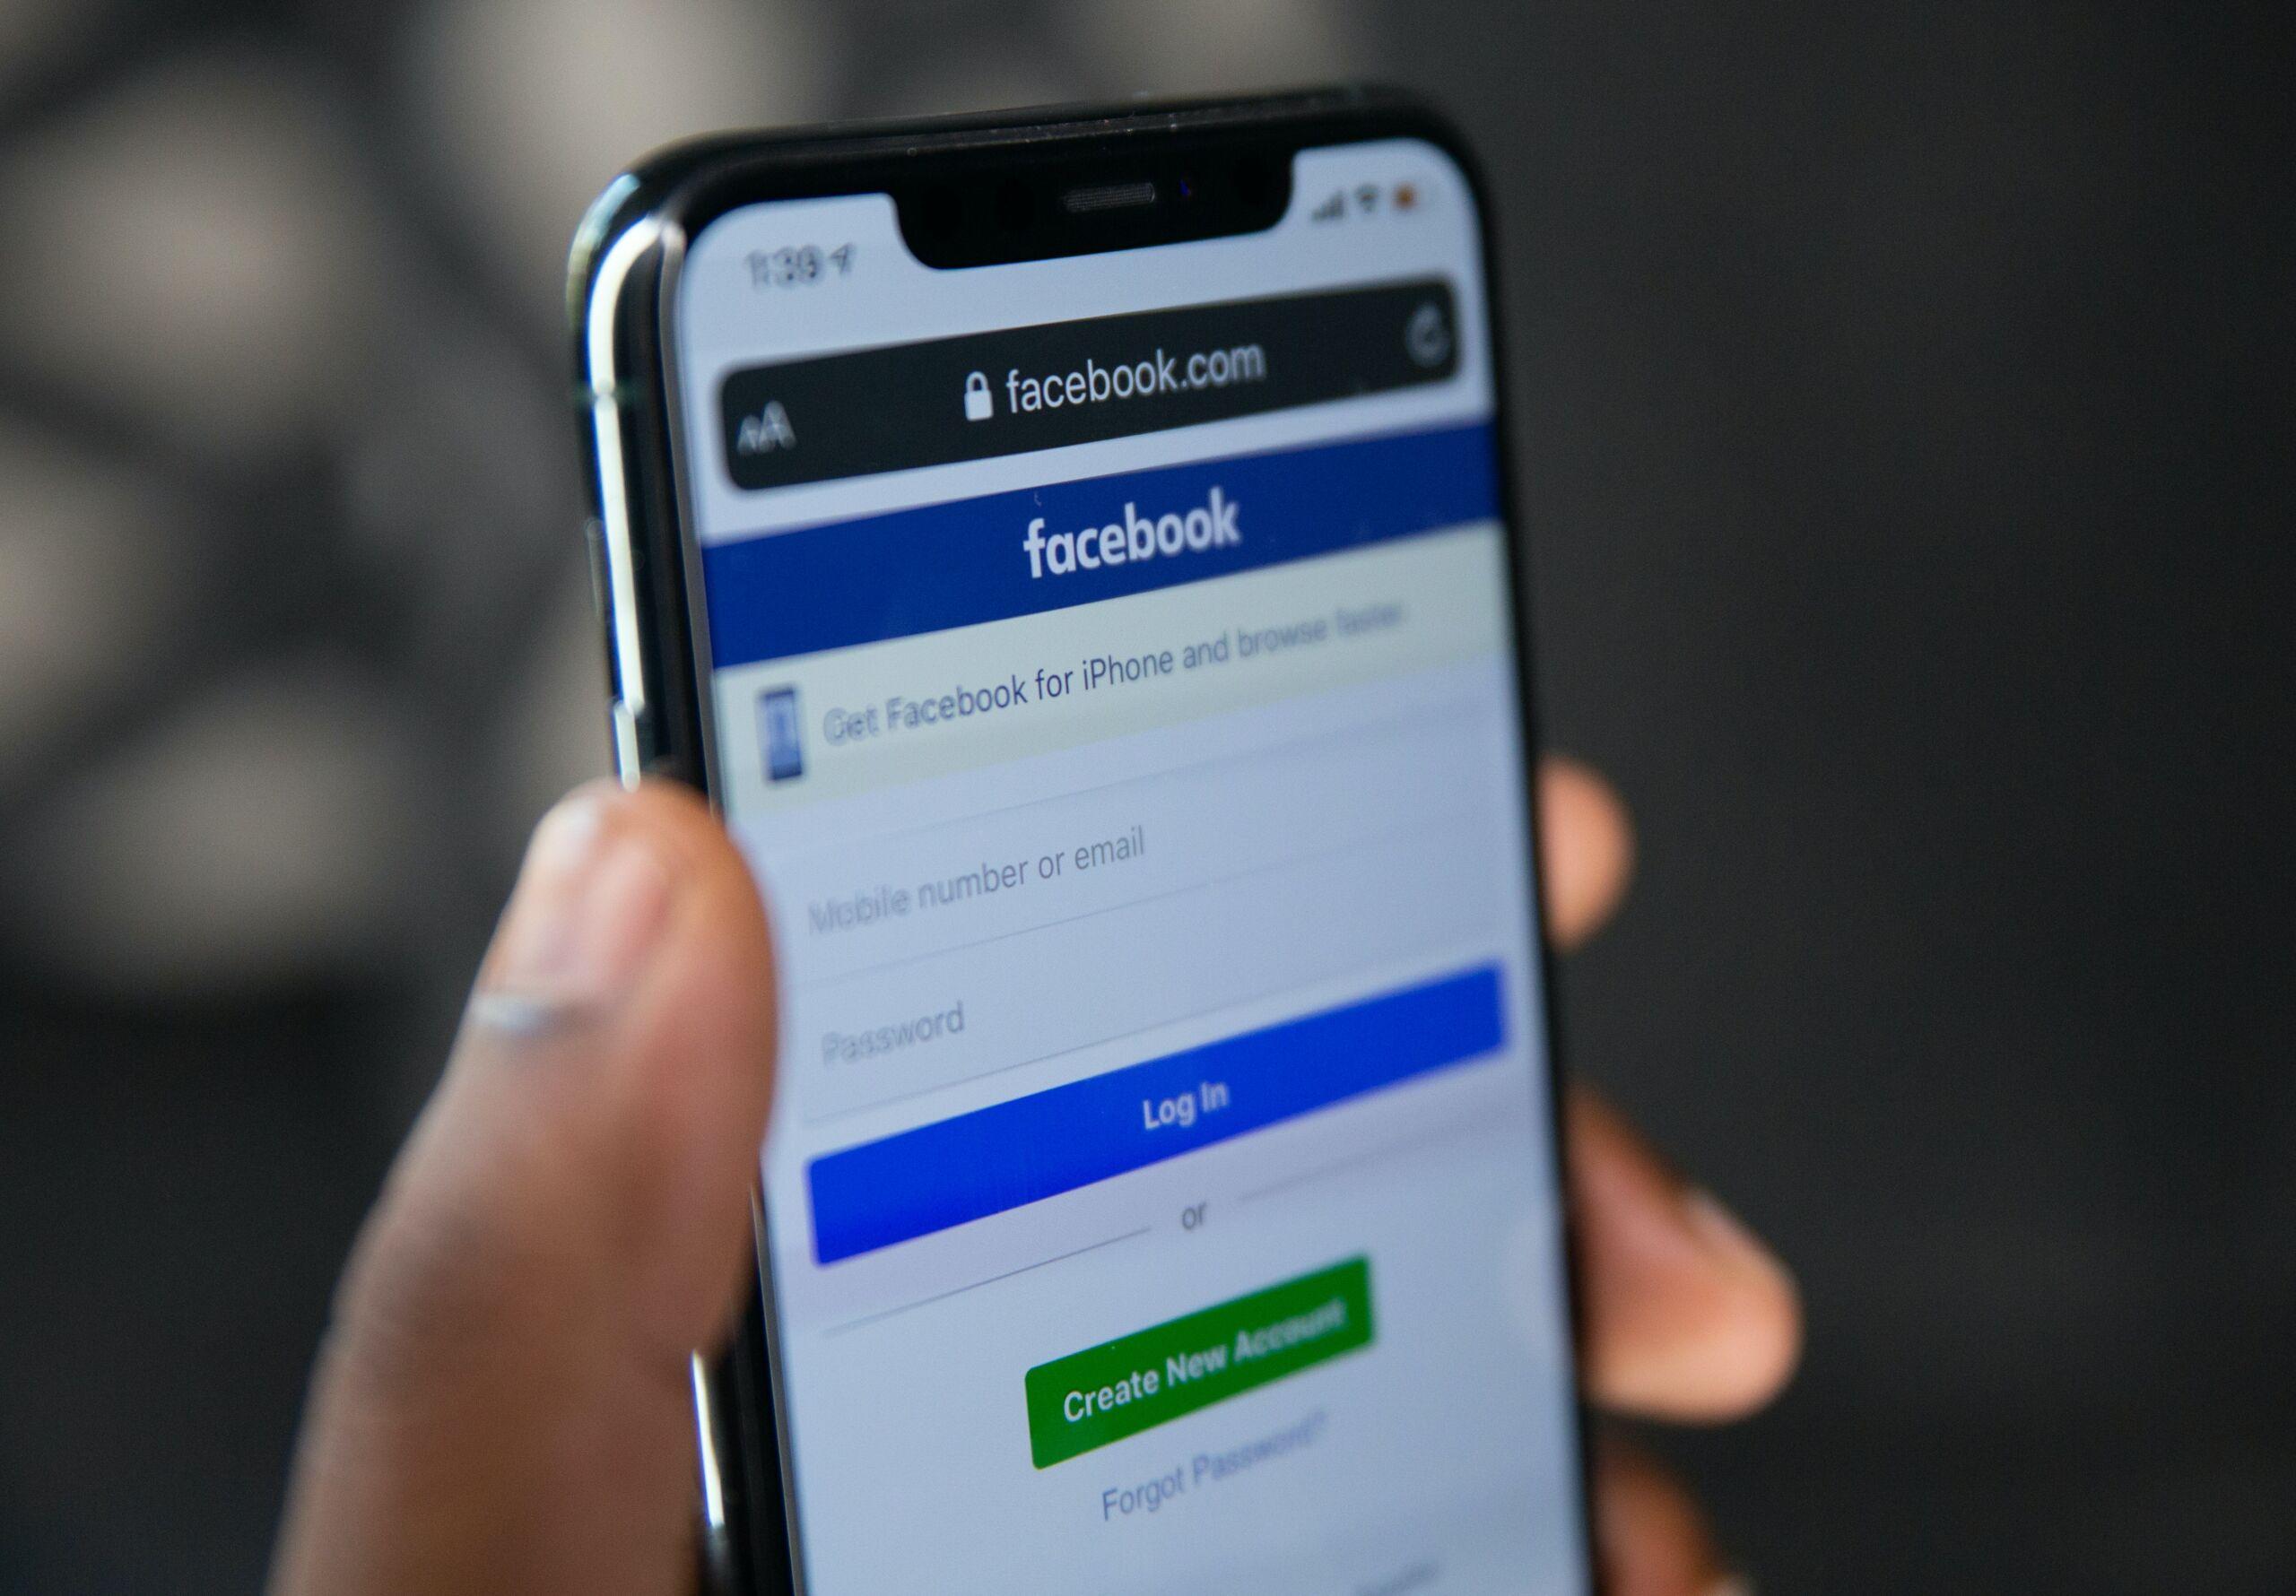 מסך ההרשמה לפייסבוק. לא לכולם זה פשוט (צילום: Solen Feyissa, unsplash)